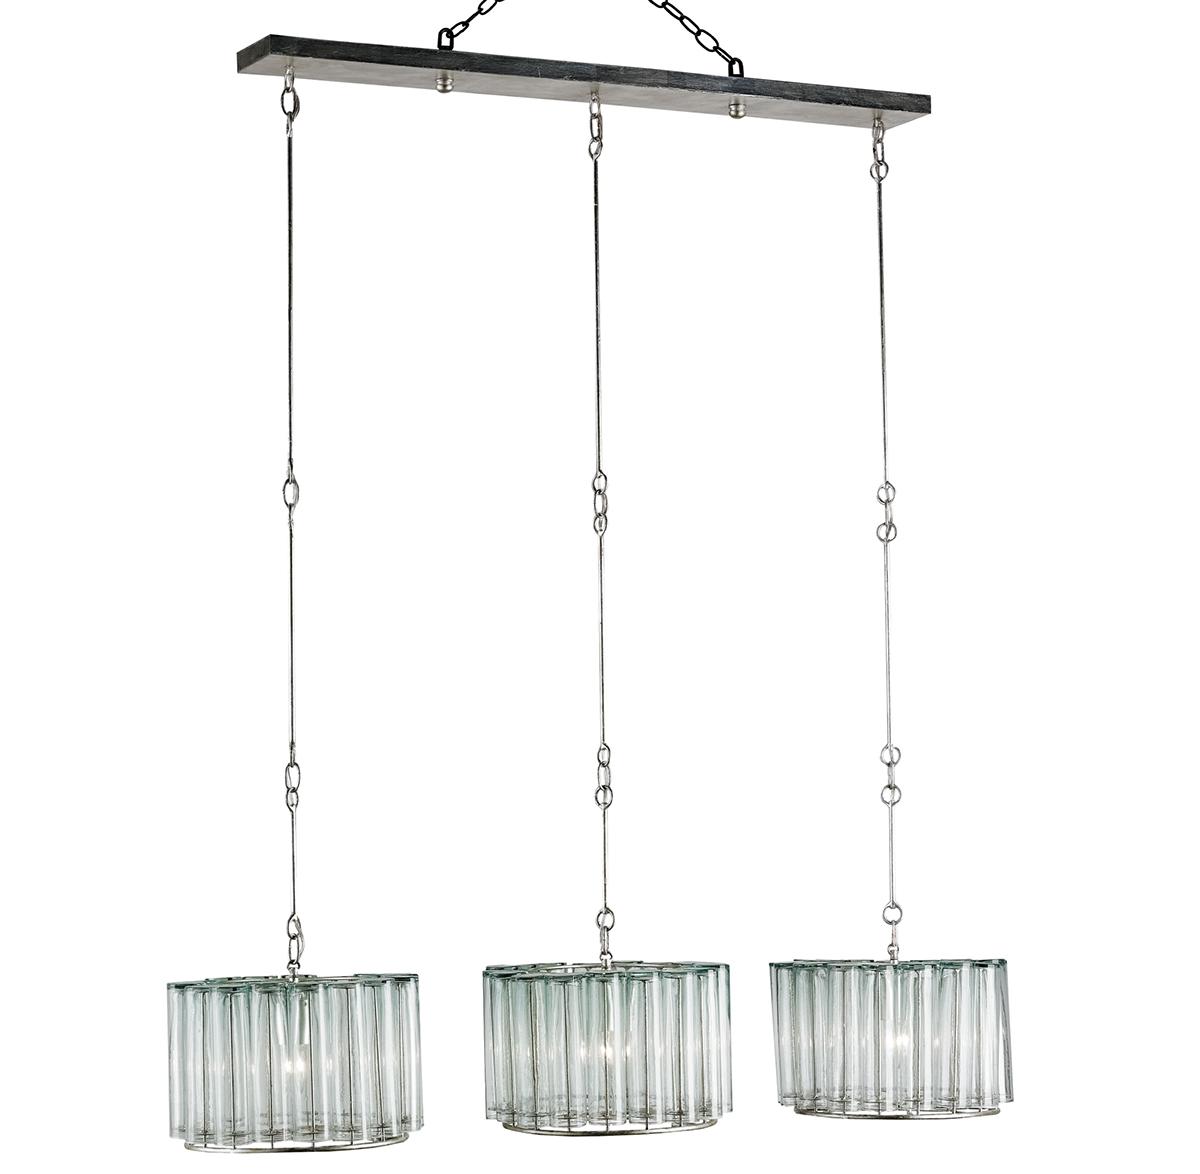 Industrial Loft Modern Bud Vase Round Adjustable Trio Pendant Island Light